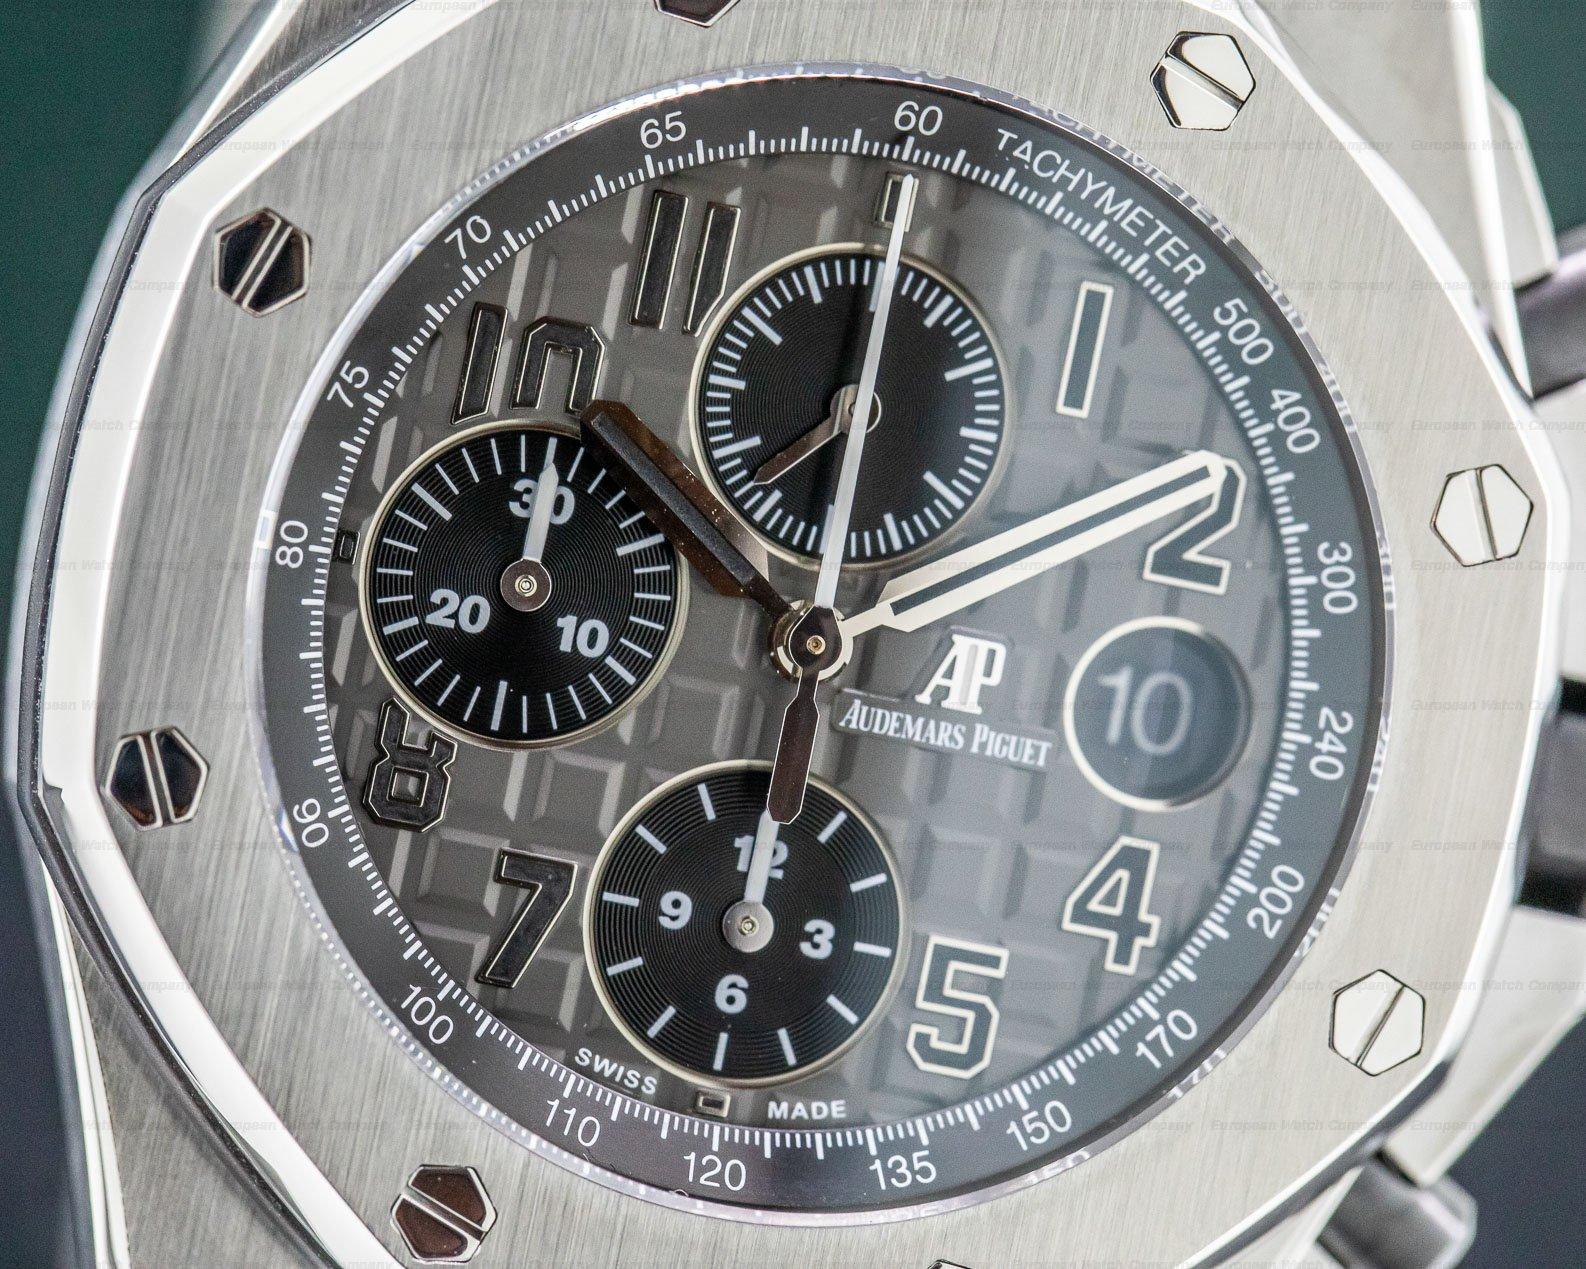 Audemars Piguet 26470ST.OO.A104CR.01 Royal Oak Offshore Slate-Grey Dial SS